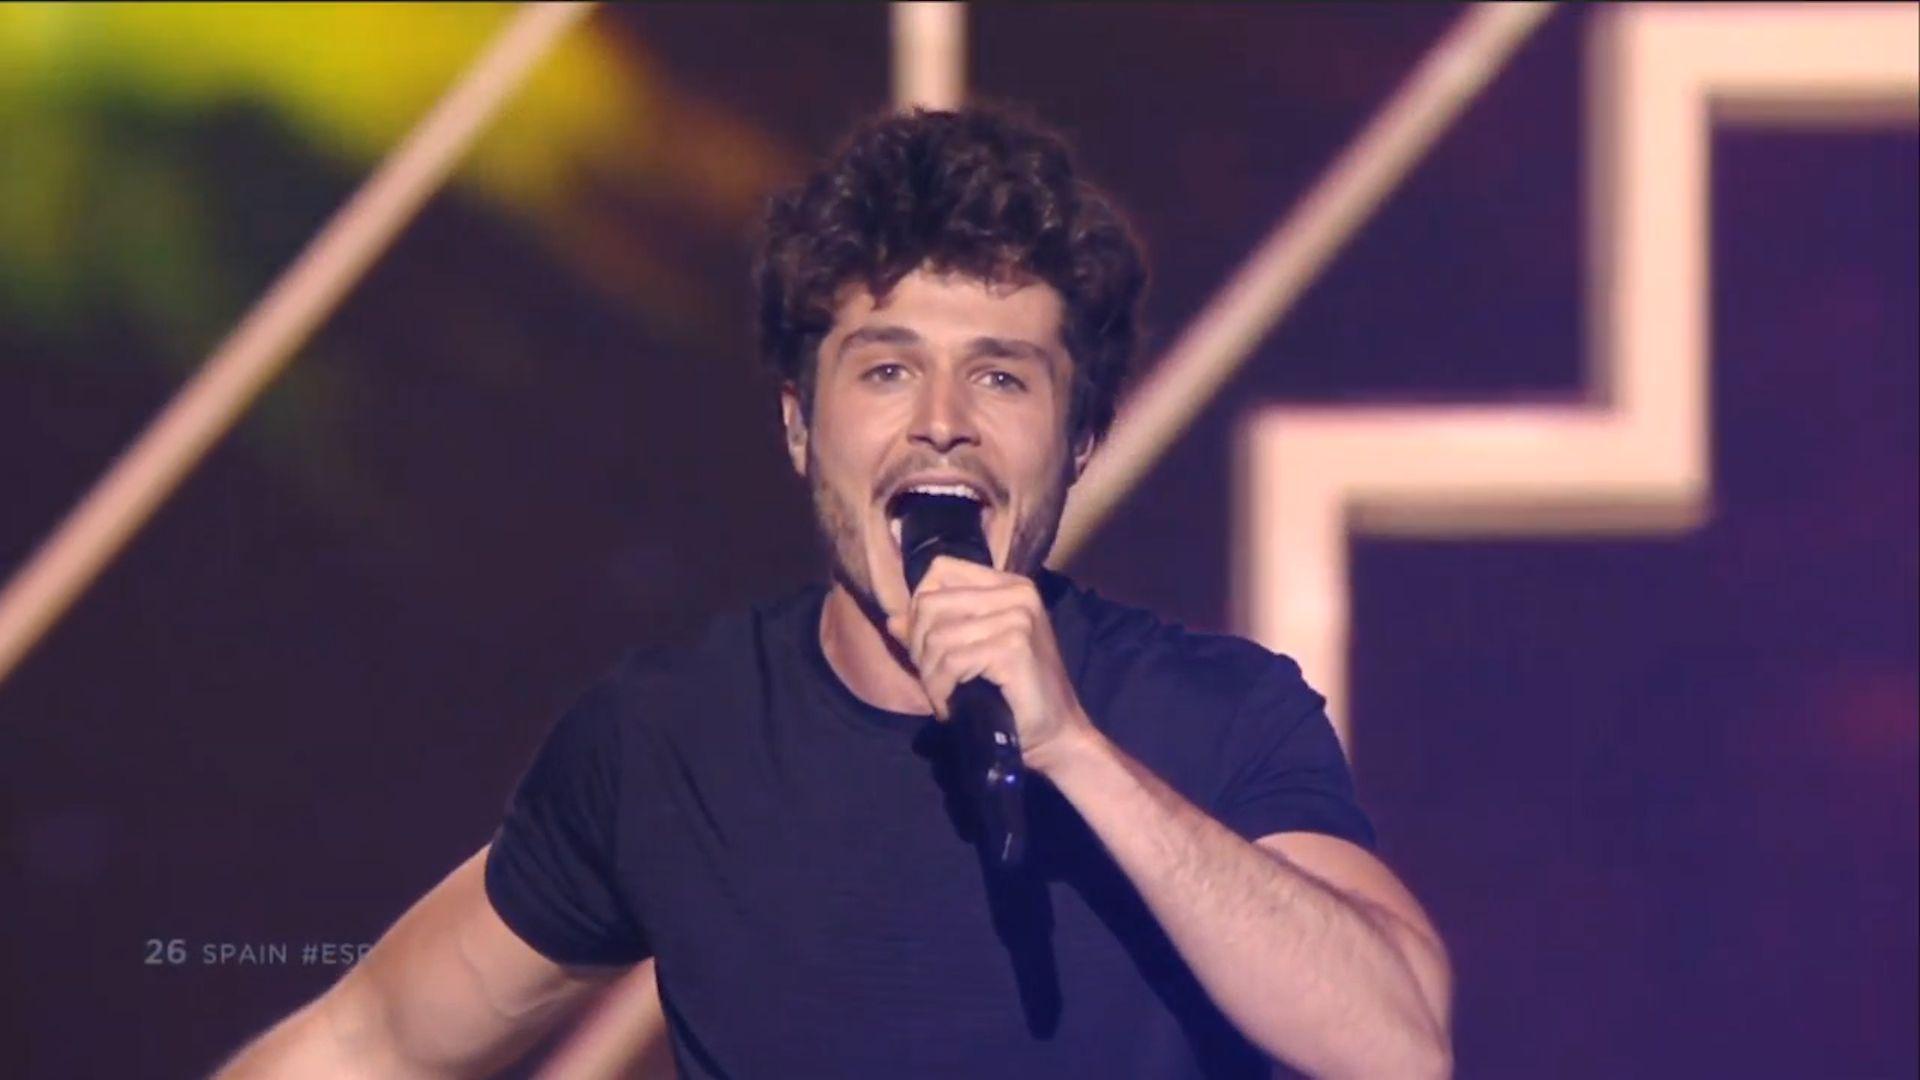 Miki canta 'la venda' en la final de Eurovisión